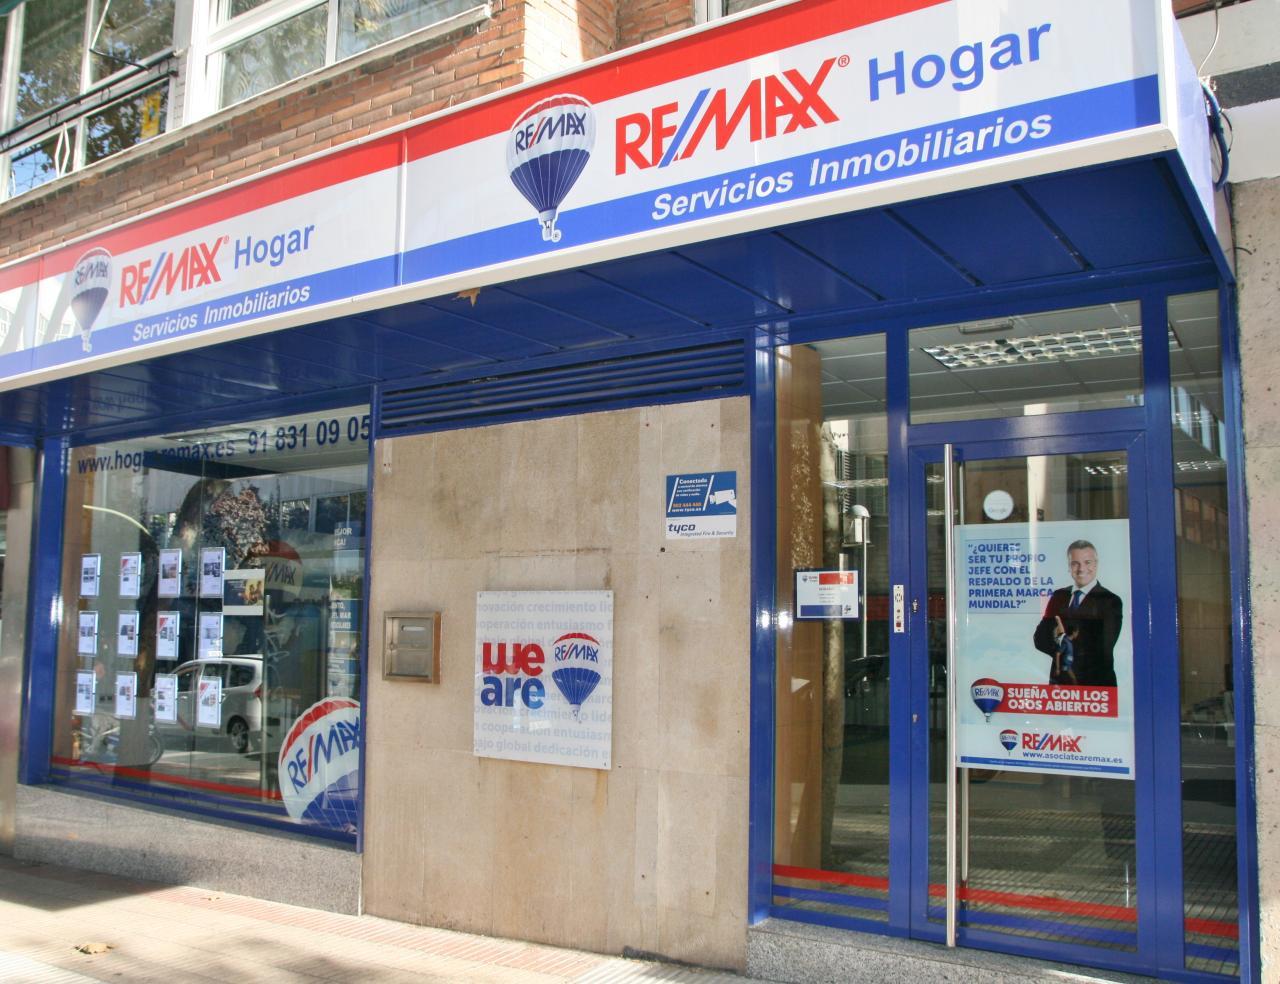 RE/MAX Hogar